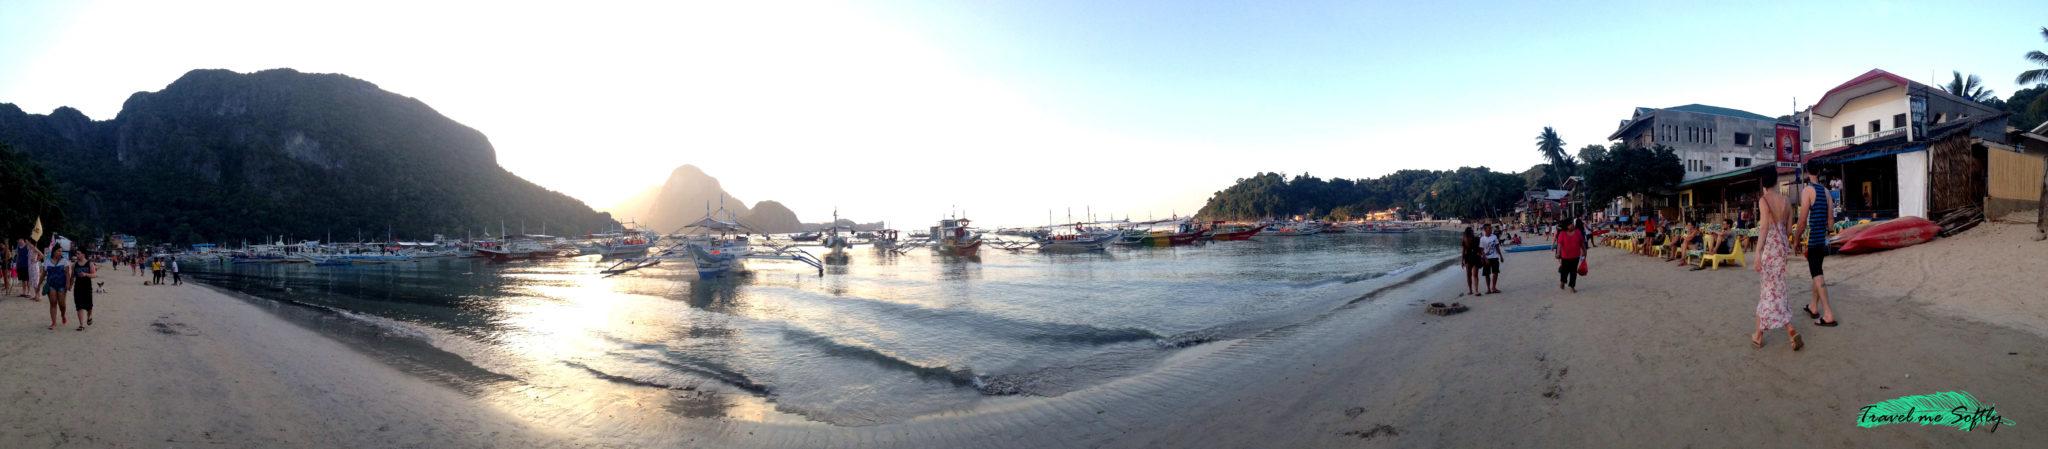 Playa de El Nido